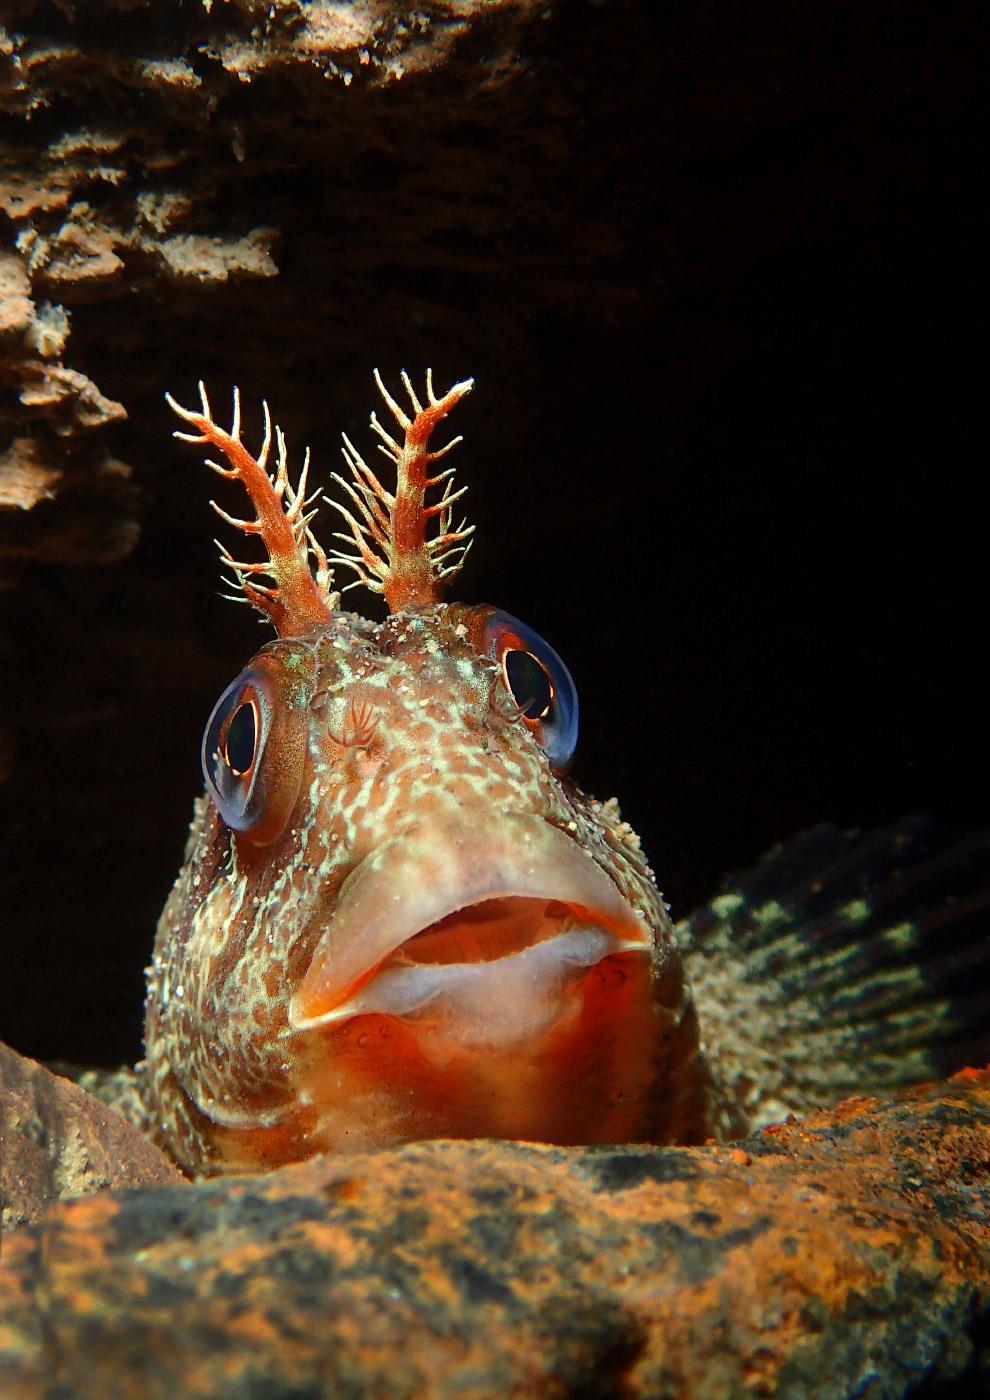 luchshie fotografii podvodnogo mira 2016 goda 20